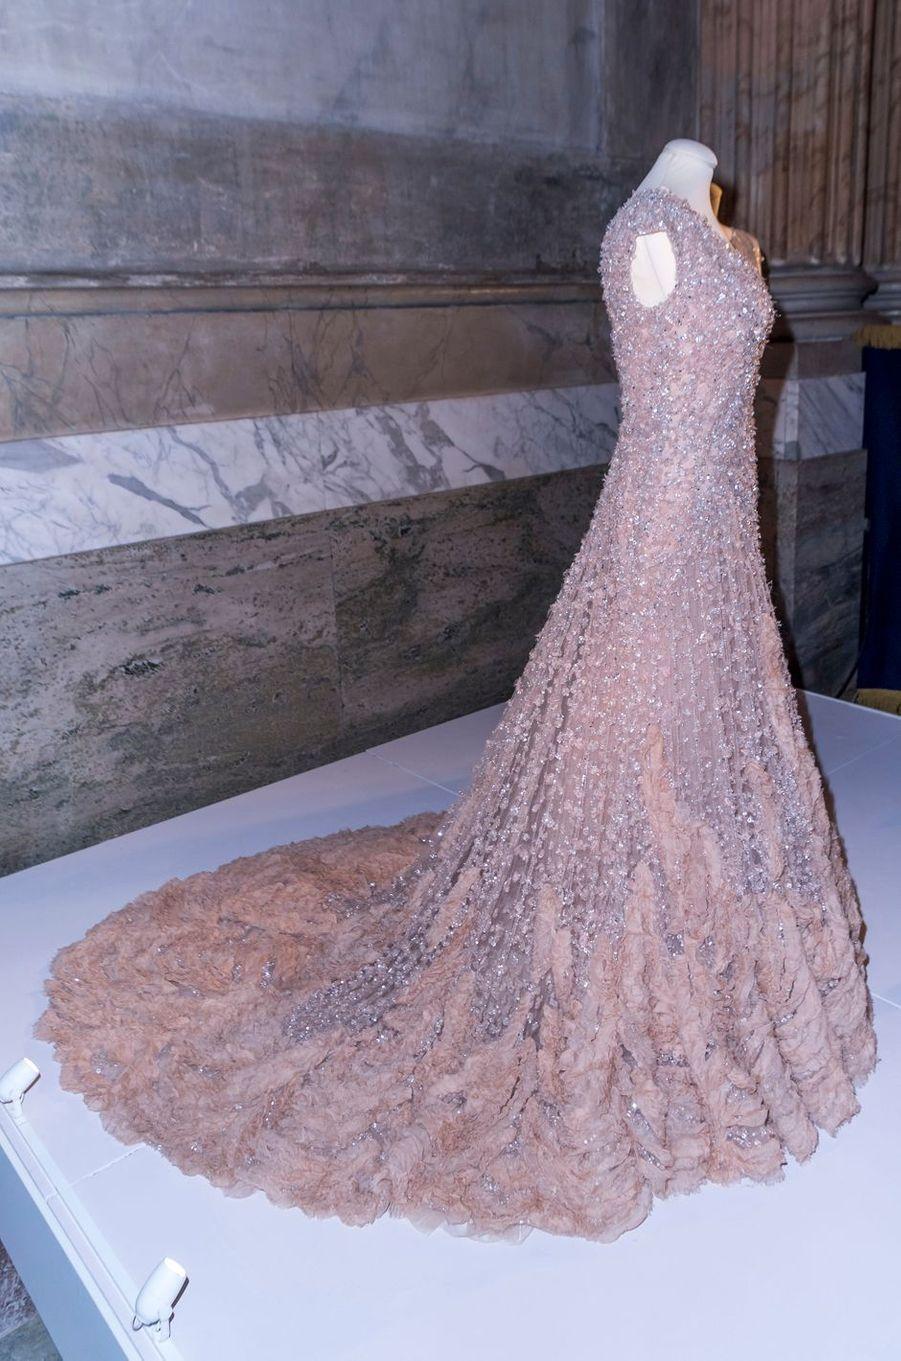 Robe portée par la princesse Victoria de Suède la veille de son mariage, exposée à Stockholm, le 17 octobre 2016